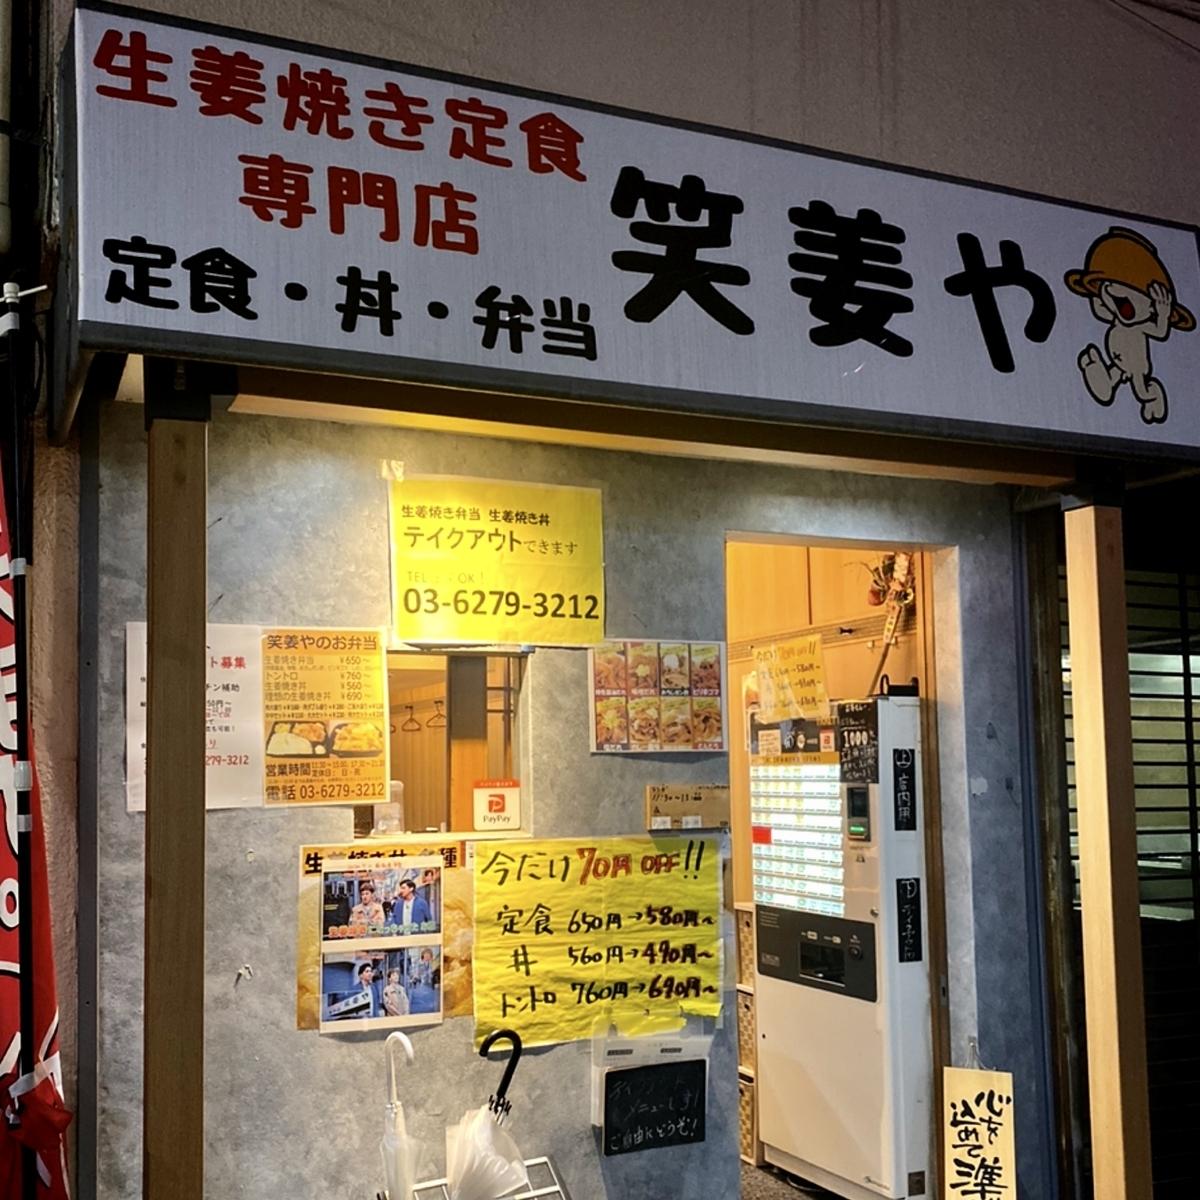 「笑姜や 大久保店」は一人ご飯にはありがたい生姜焼き専門の定食屋でした